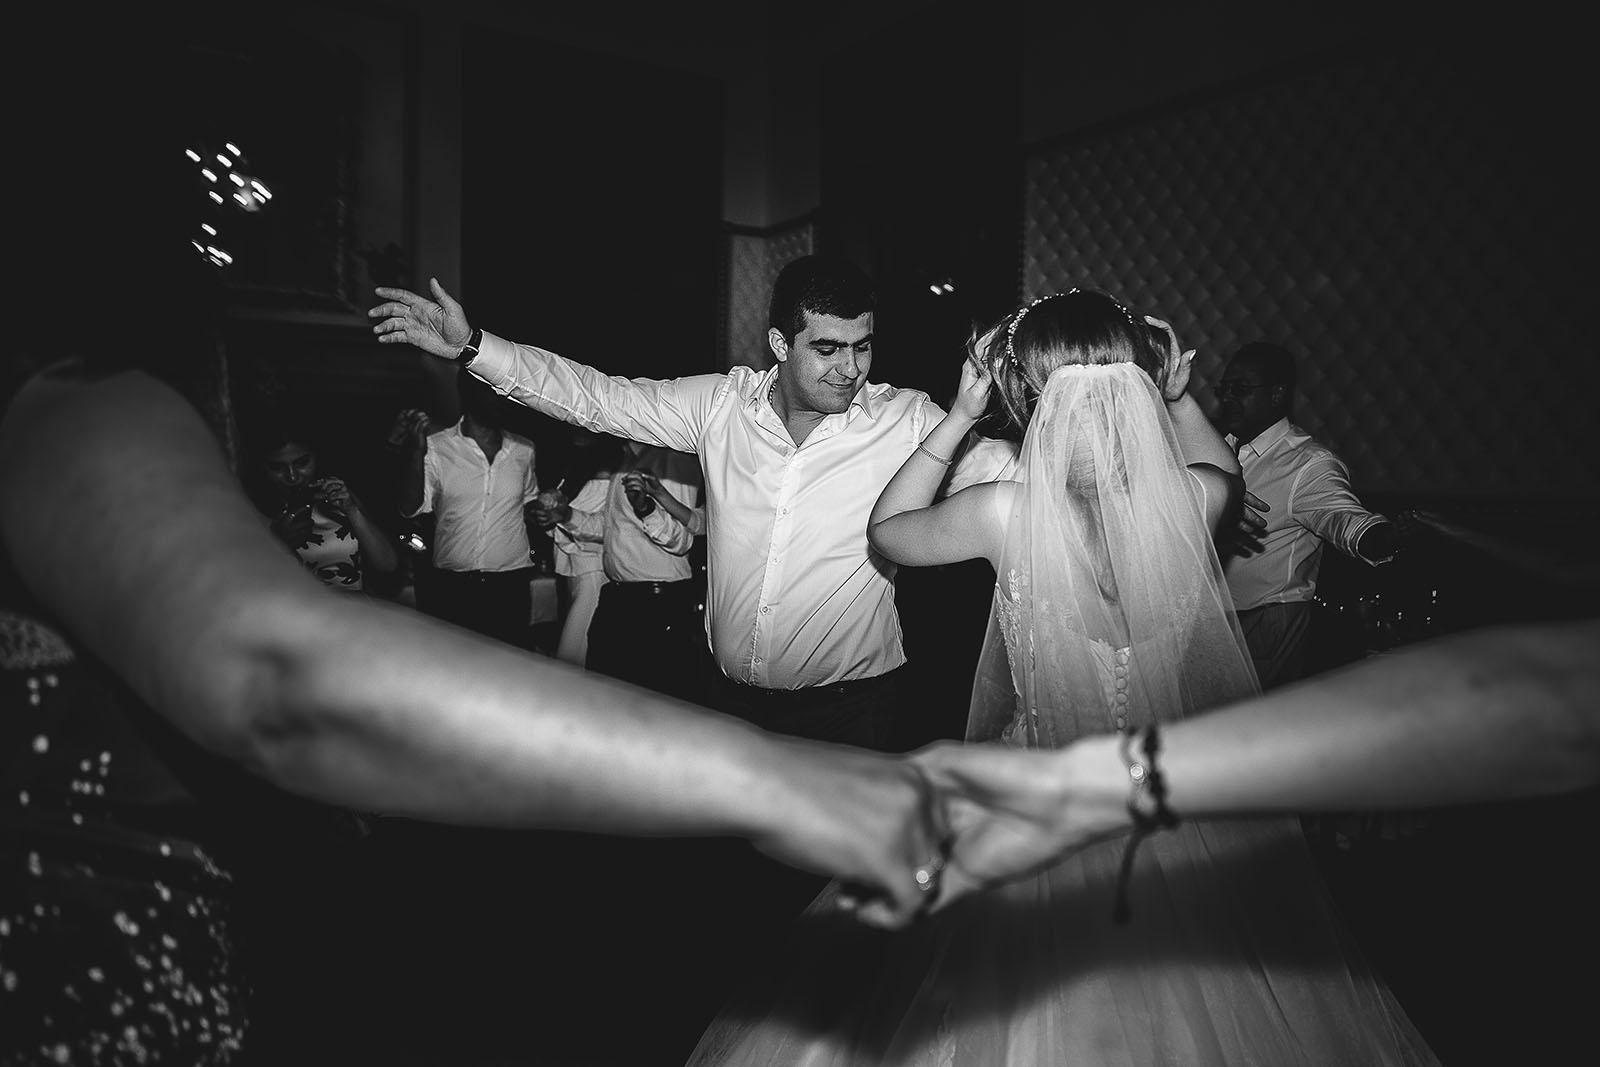 Mariage au Château de Beguin David Pommier photographe de mariage. Les mariés dansent ensemble